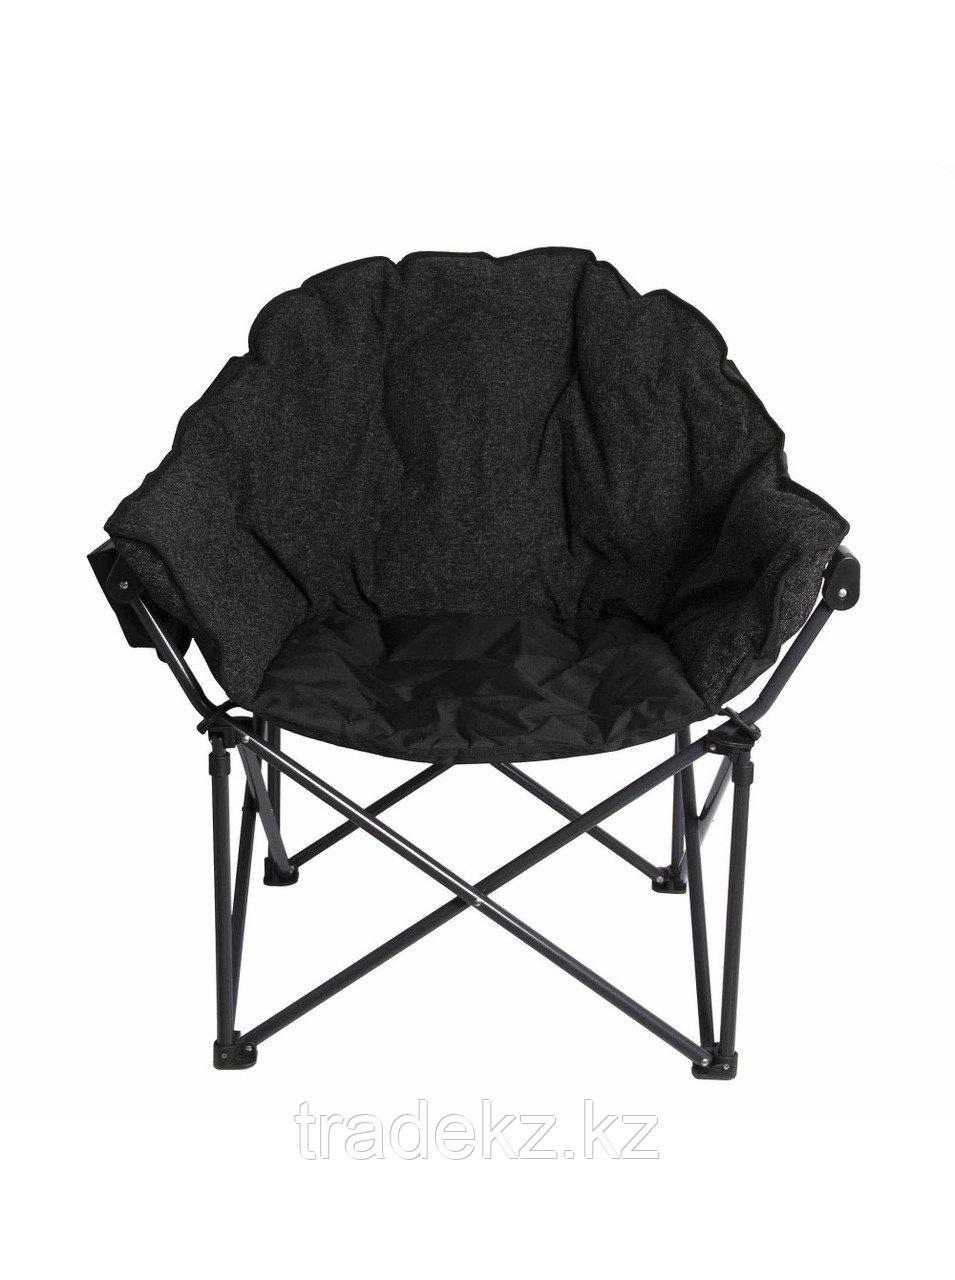 Кресло складное кемпинговое полукруглое Kyoda/Condor  APL-RC701-2